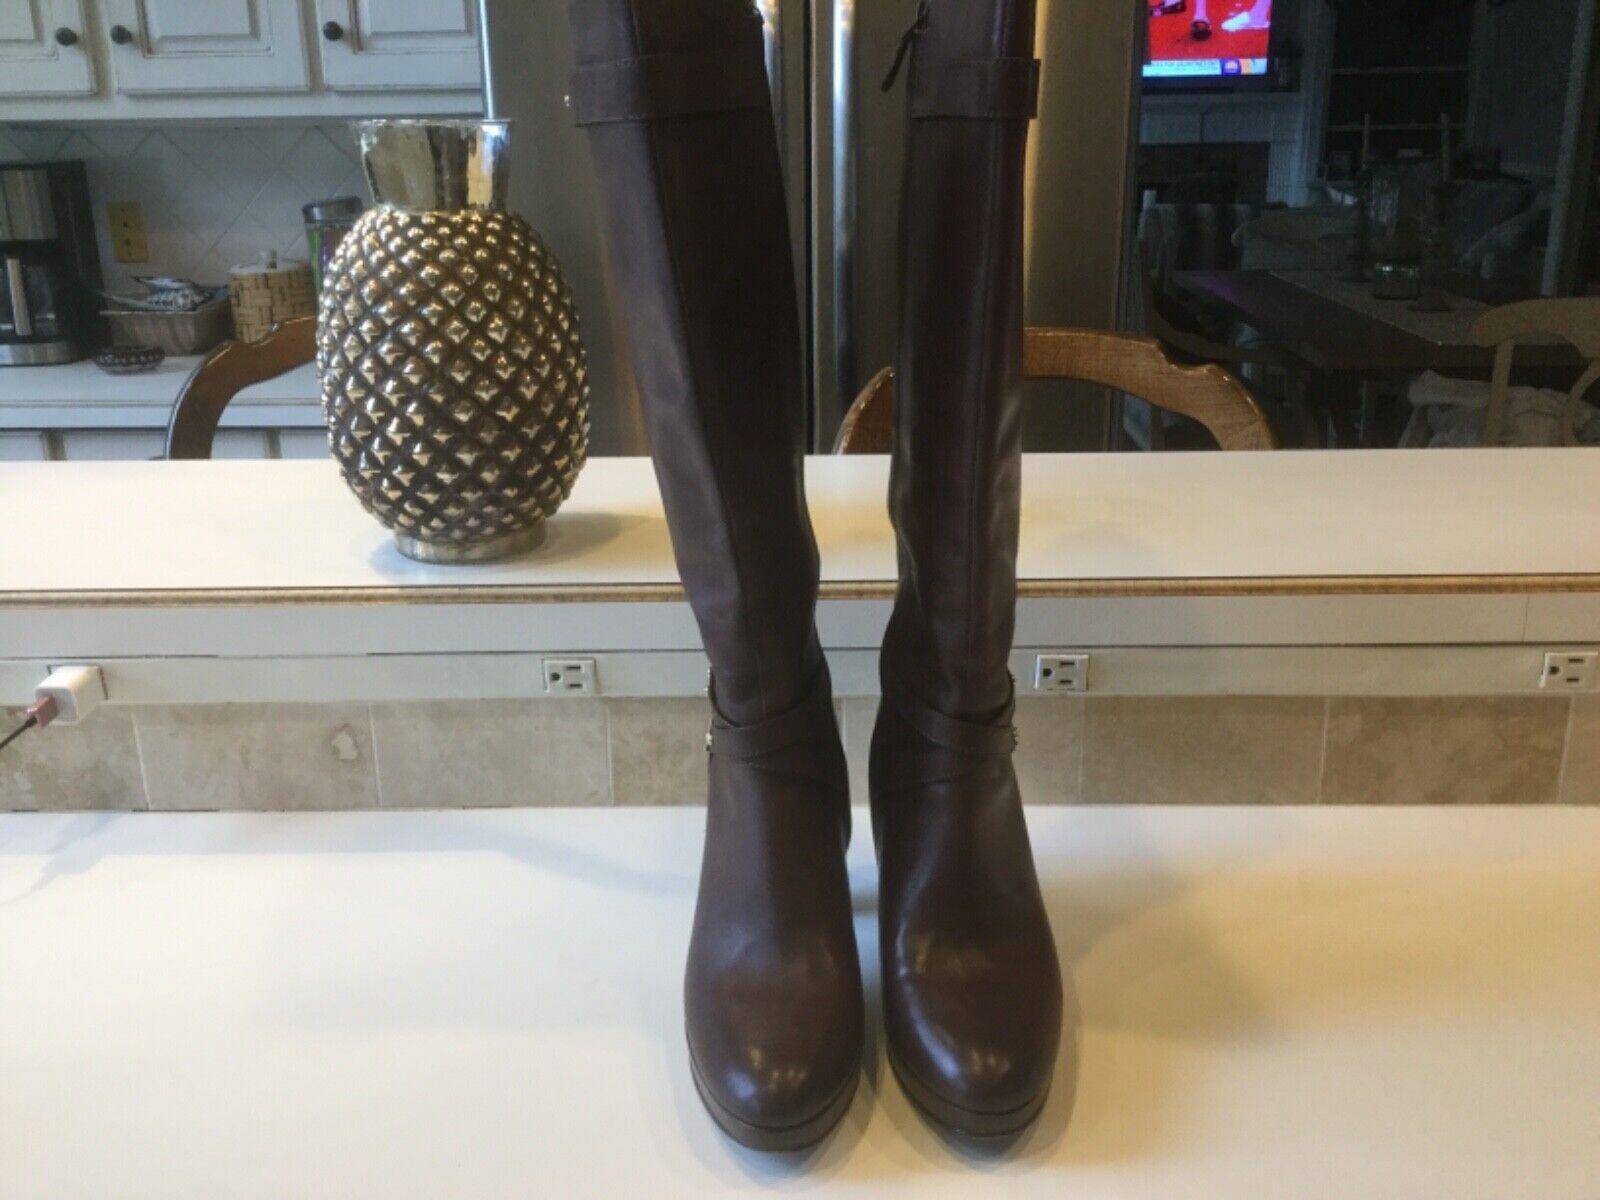 COLE HAAN donna 65533;Tall Marronee  Leather stivali con Side Zipper 9M  ordina ora con grande sconto e consegna gratuita